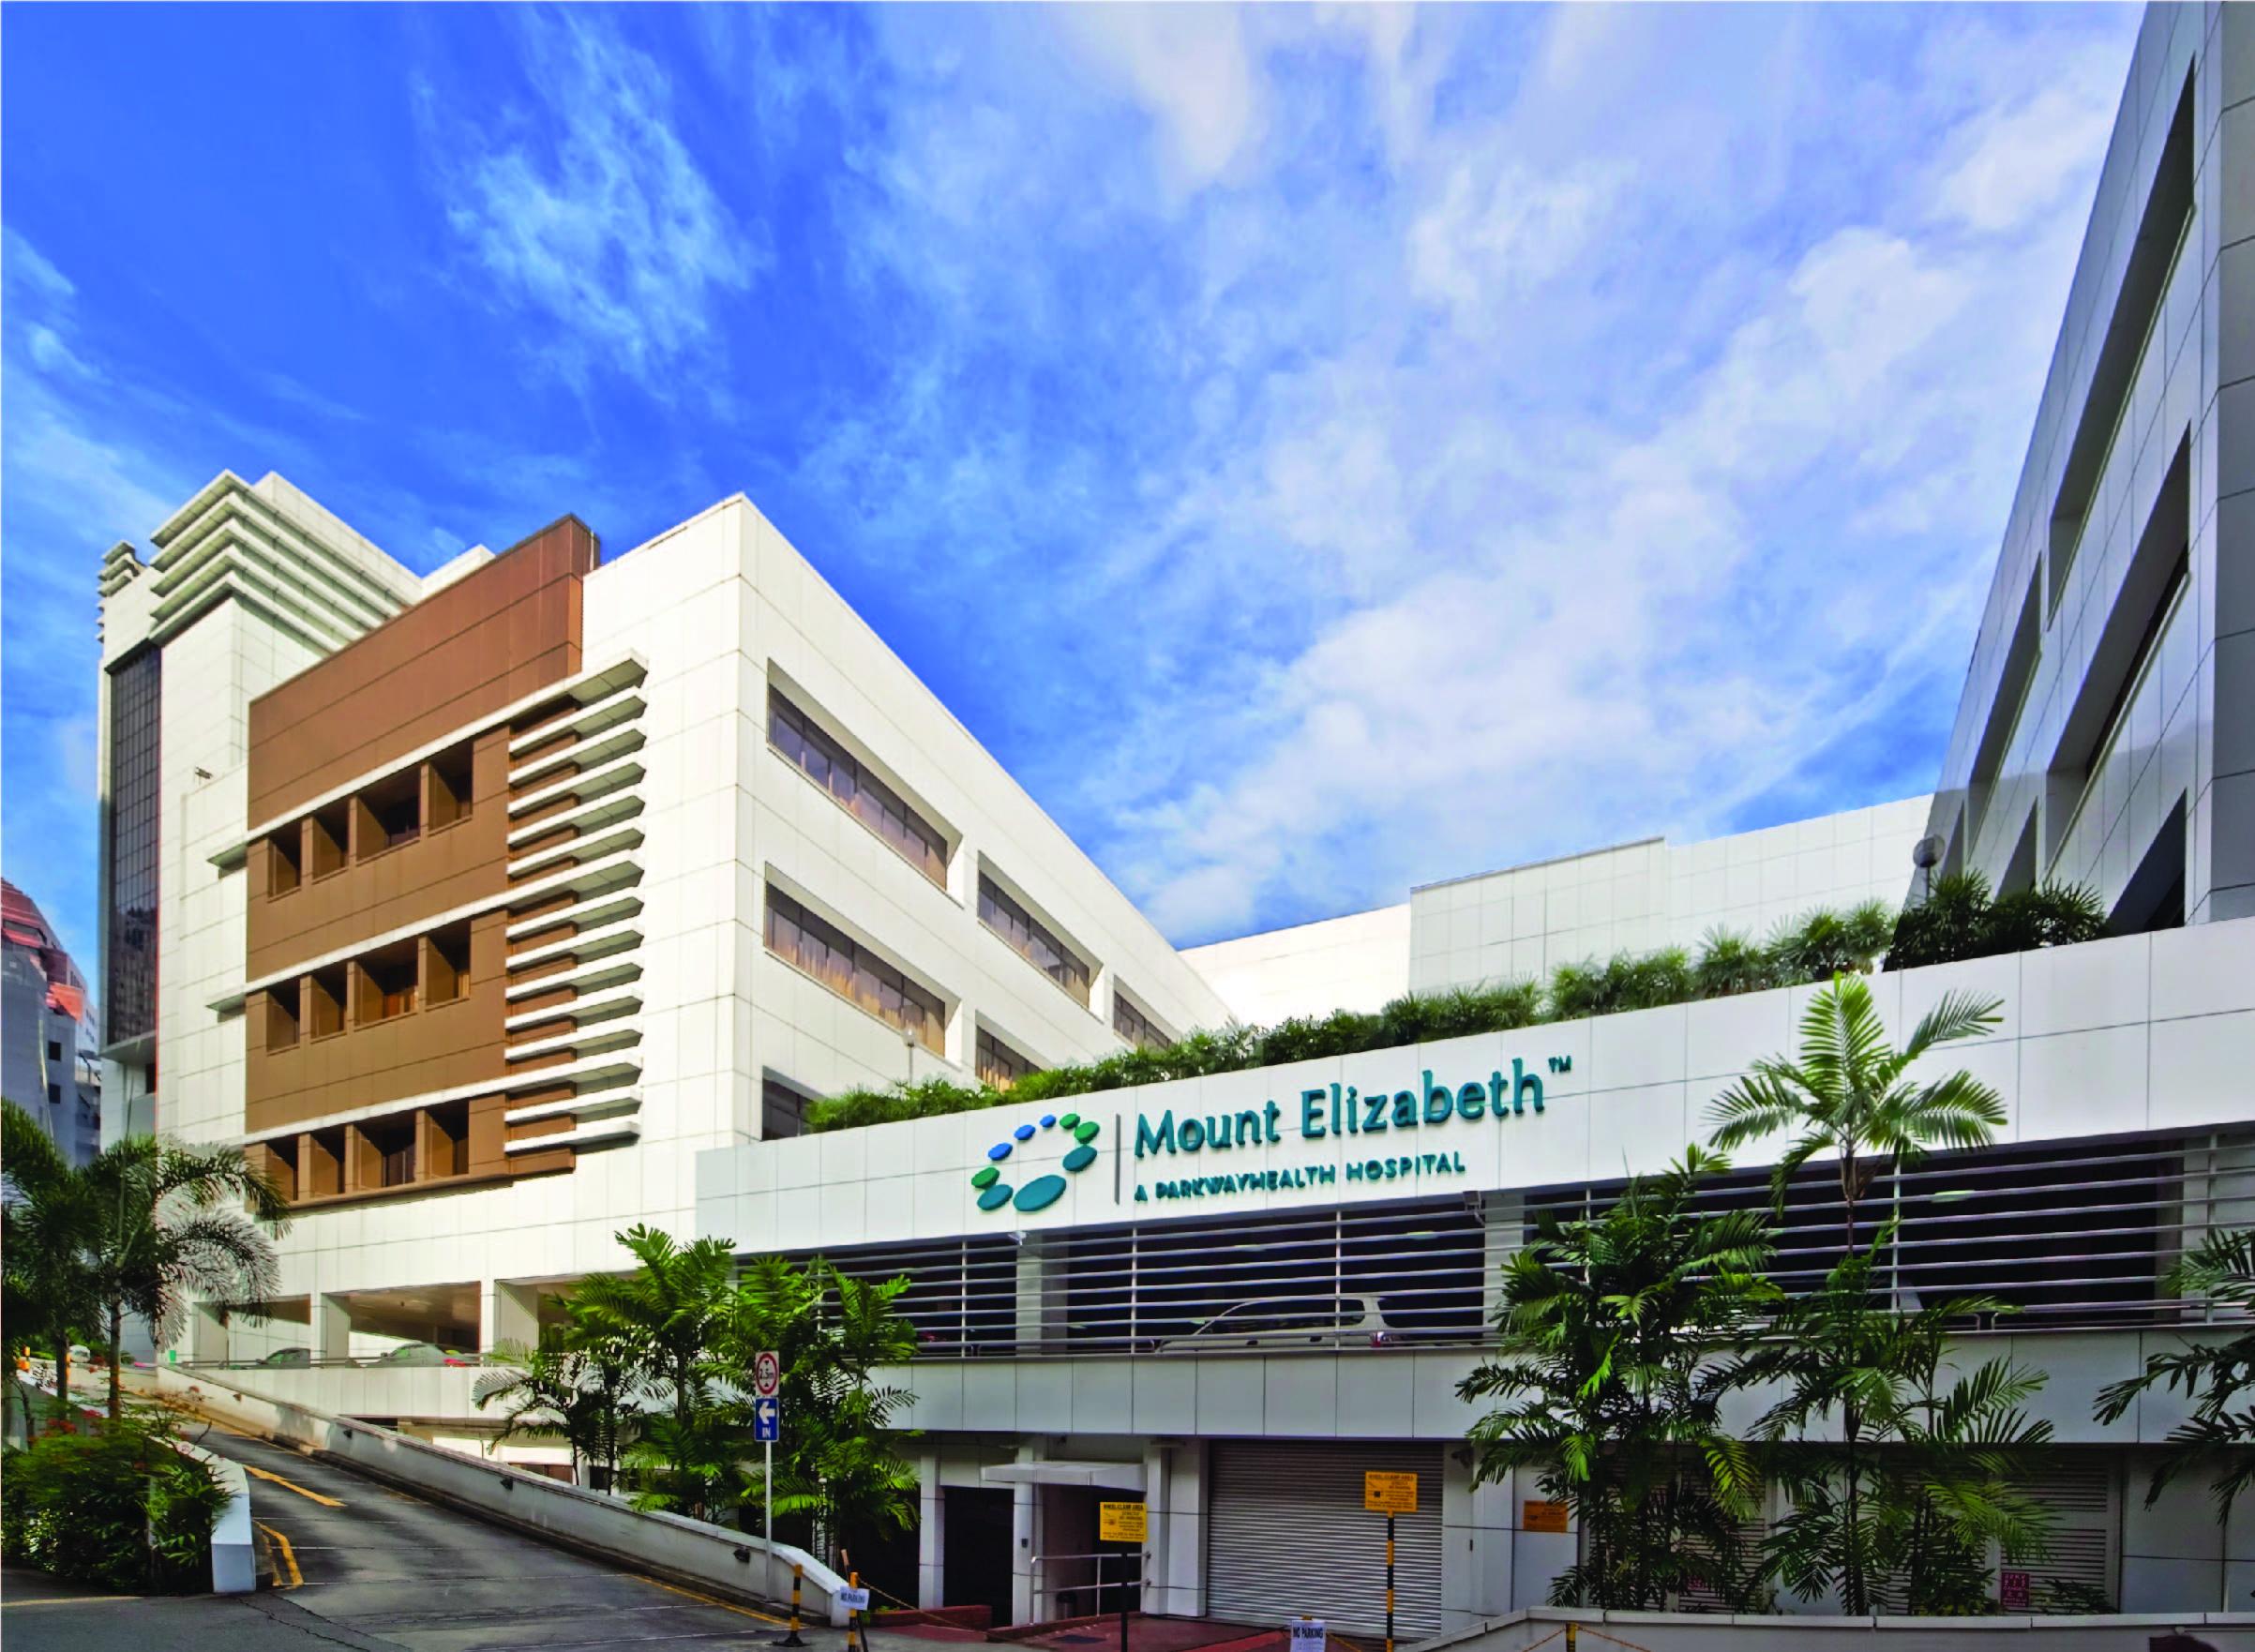 Mount Elizabeth Hospital, Singapore - ICE Business Times